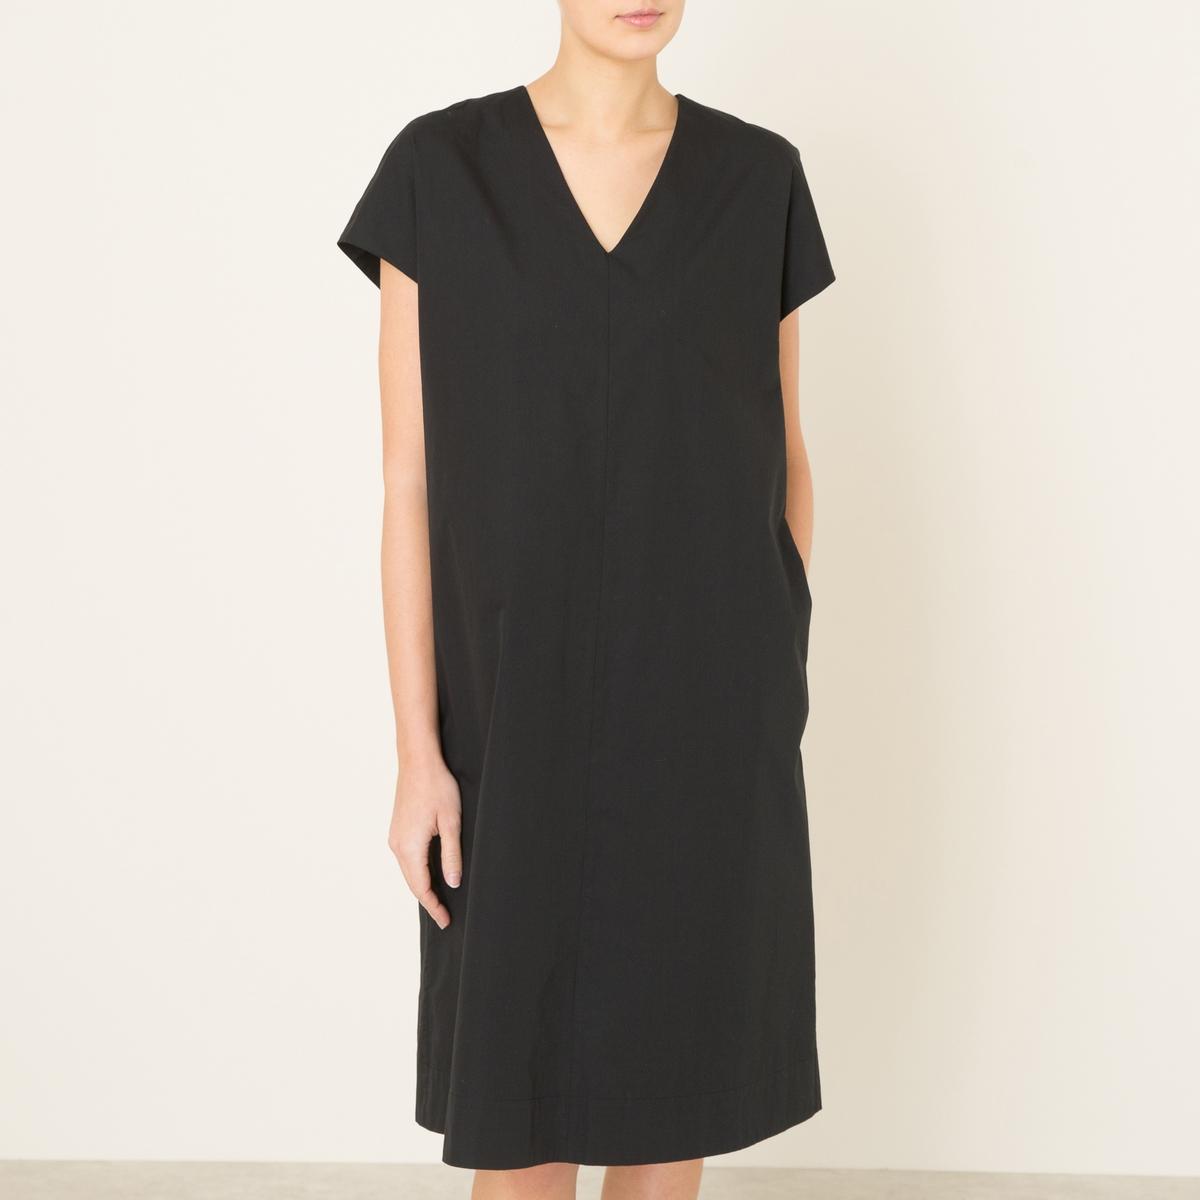 Платье COLOMBAПлатье средней длины MOMONI - модель COLOMBA свободной формы из хлопкового поплина. V-образный вырез спереди, небольшой V-образный вырез сзади. Без рукавов, с накидкой. Декоративные пуговицы сзади.Состав и описание    Материал : 100% хлопок   Марка : MOMONI<br><br>Цвет: черный<br>Размер: XS